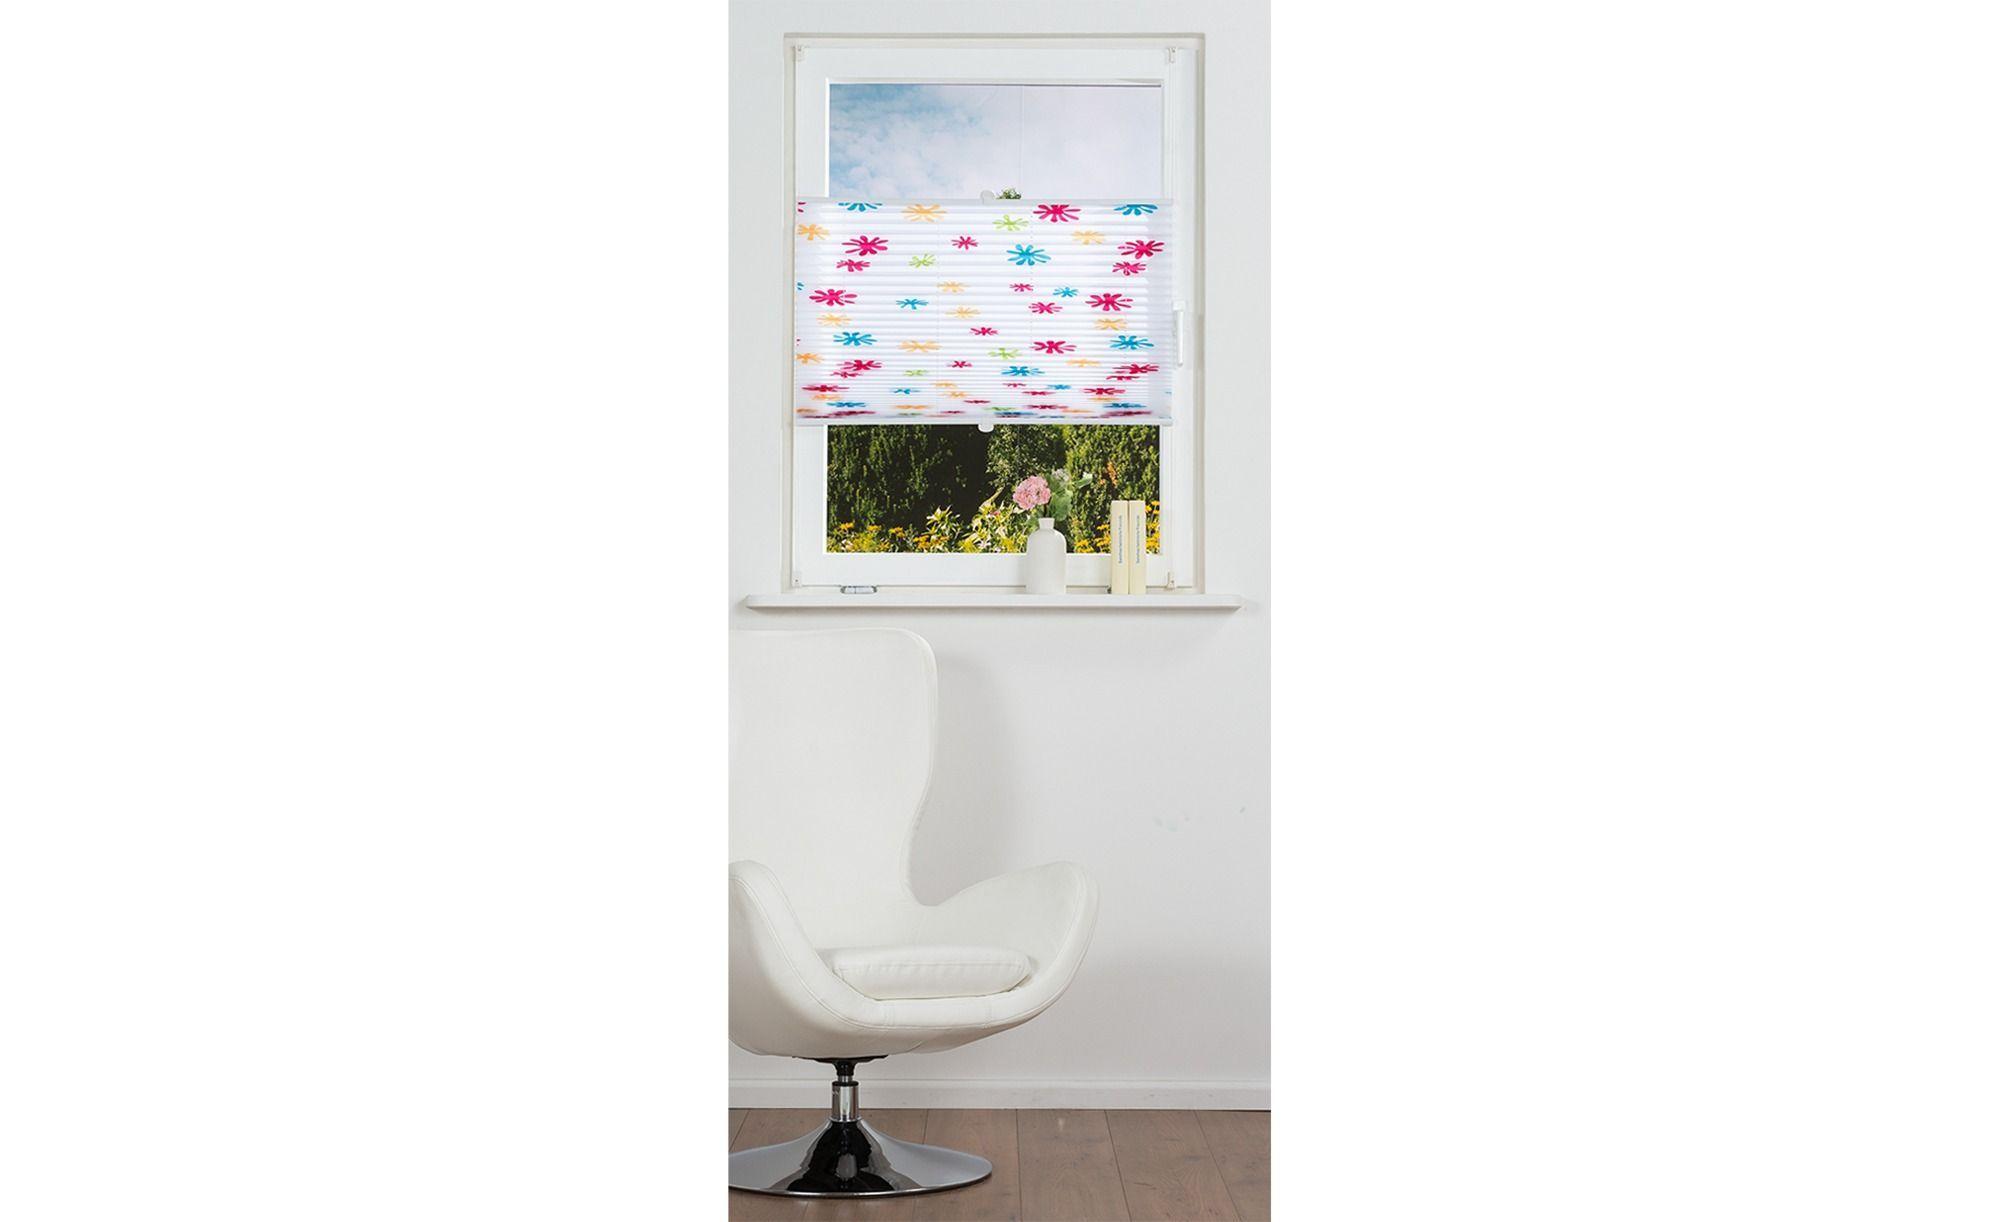 Khg Plissee Klemmfix Blume Weiss Polyester Masse Cm B 120 Gardinen Vorhange Rollos In 2020 Vorhange Gardinen Gardinen Plissee Rollo Ohne Bohren